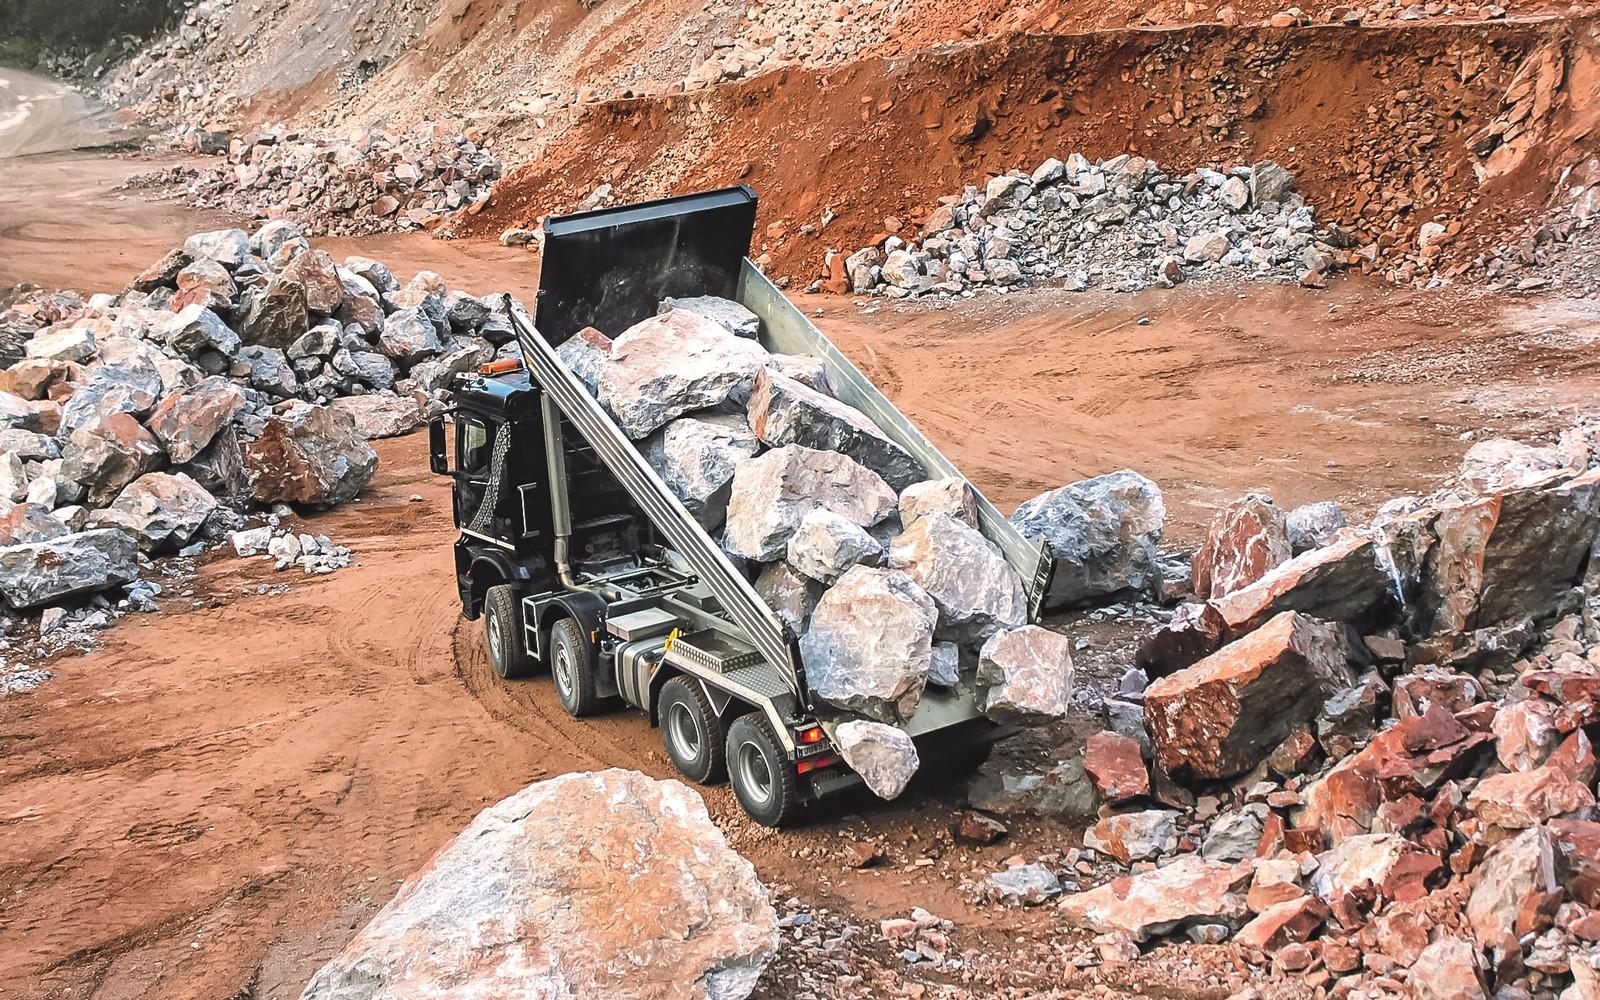 Gesteinskipper von Meiller für den Transport von großem Gestein.